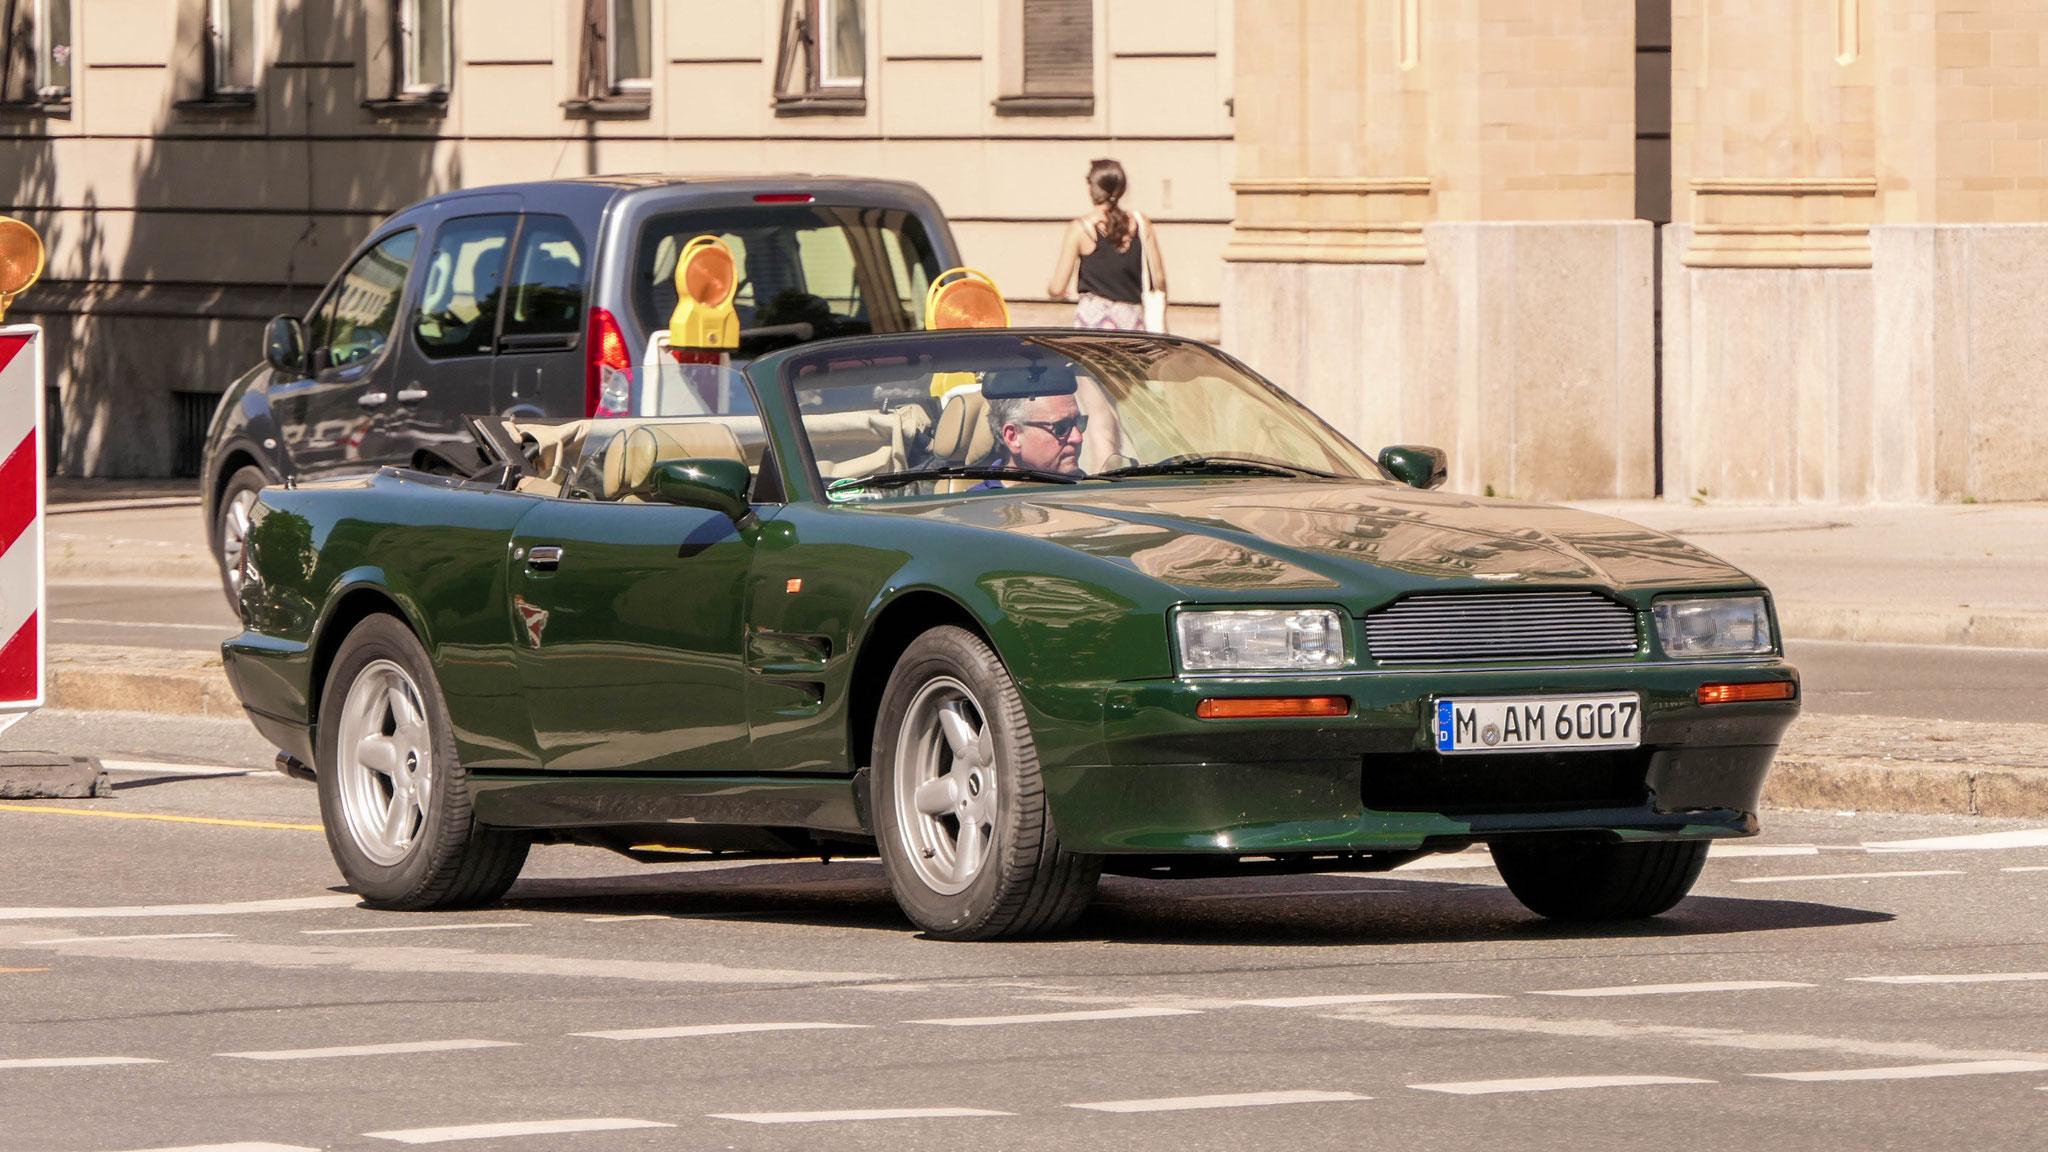 Aston Martin V8 Volante 1996 - M-AM-6007